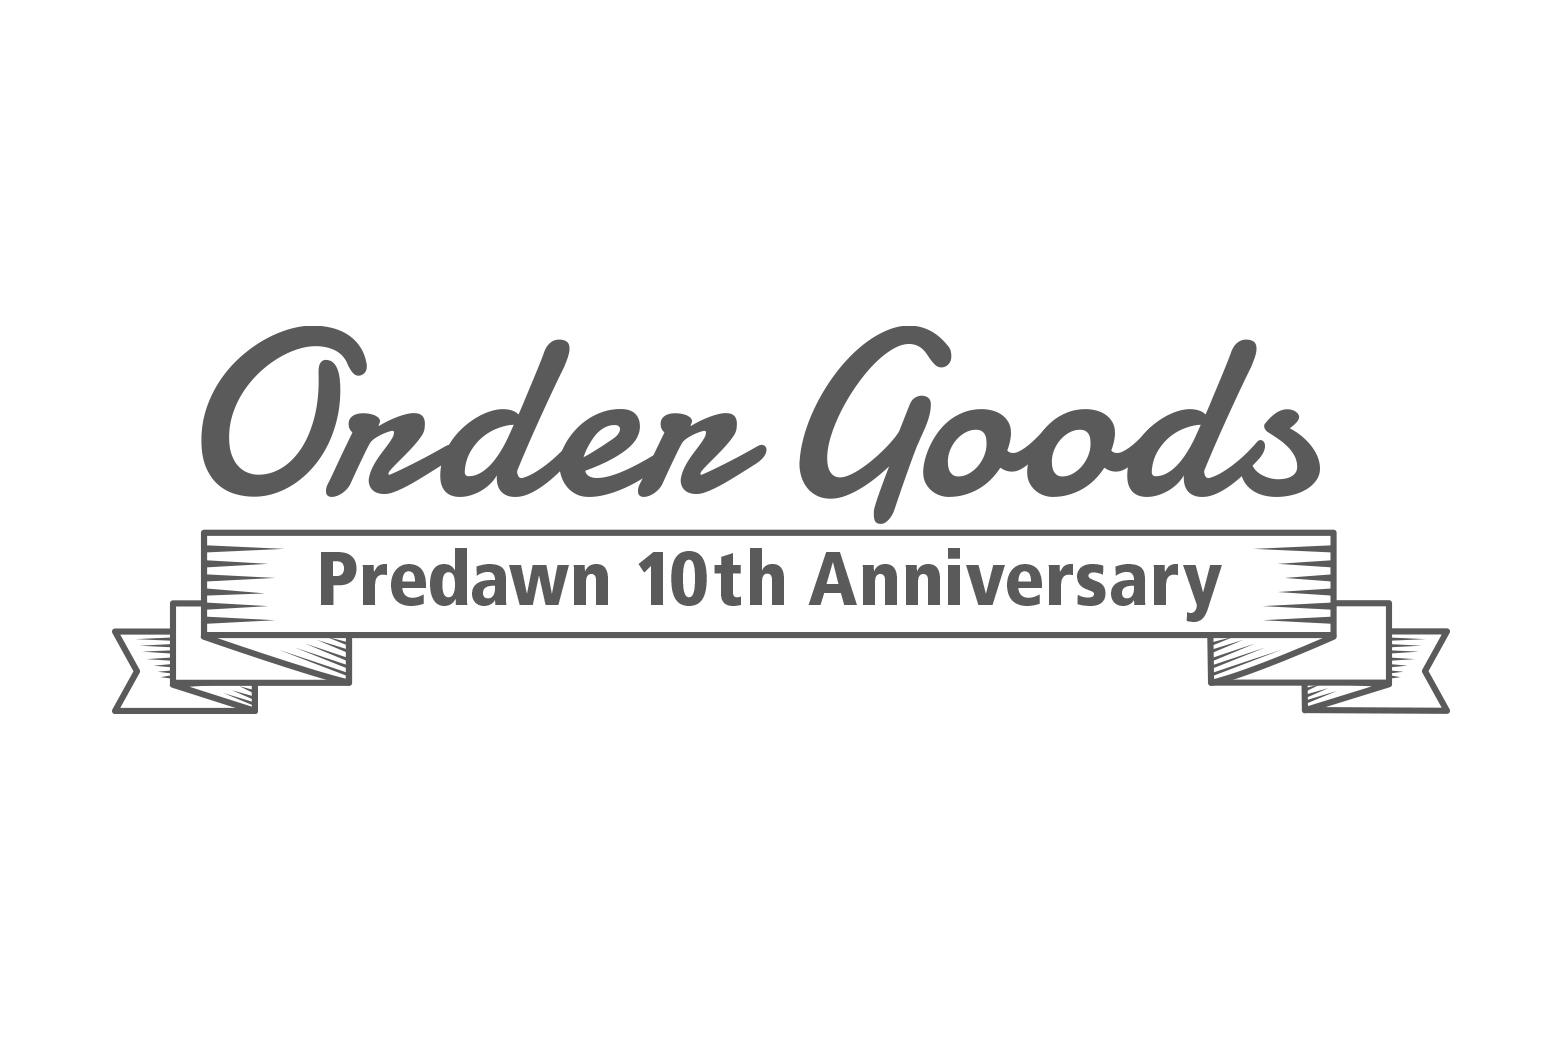 受注生産限定10th Anniversaly Special Goodsオーダー受付中